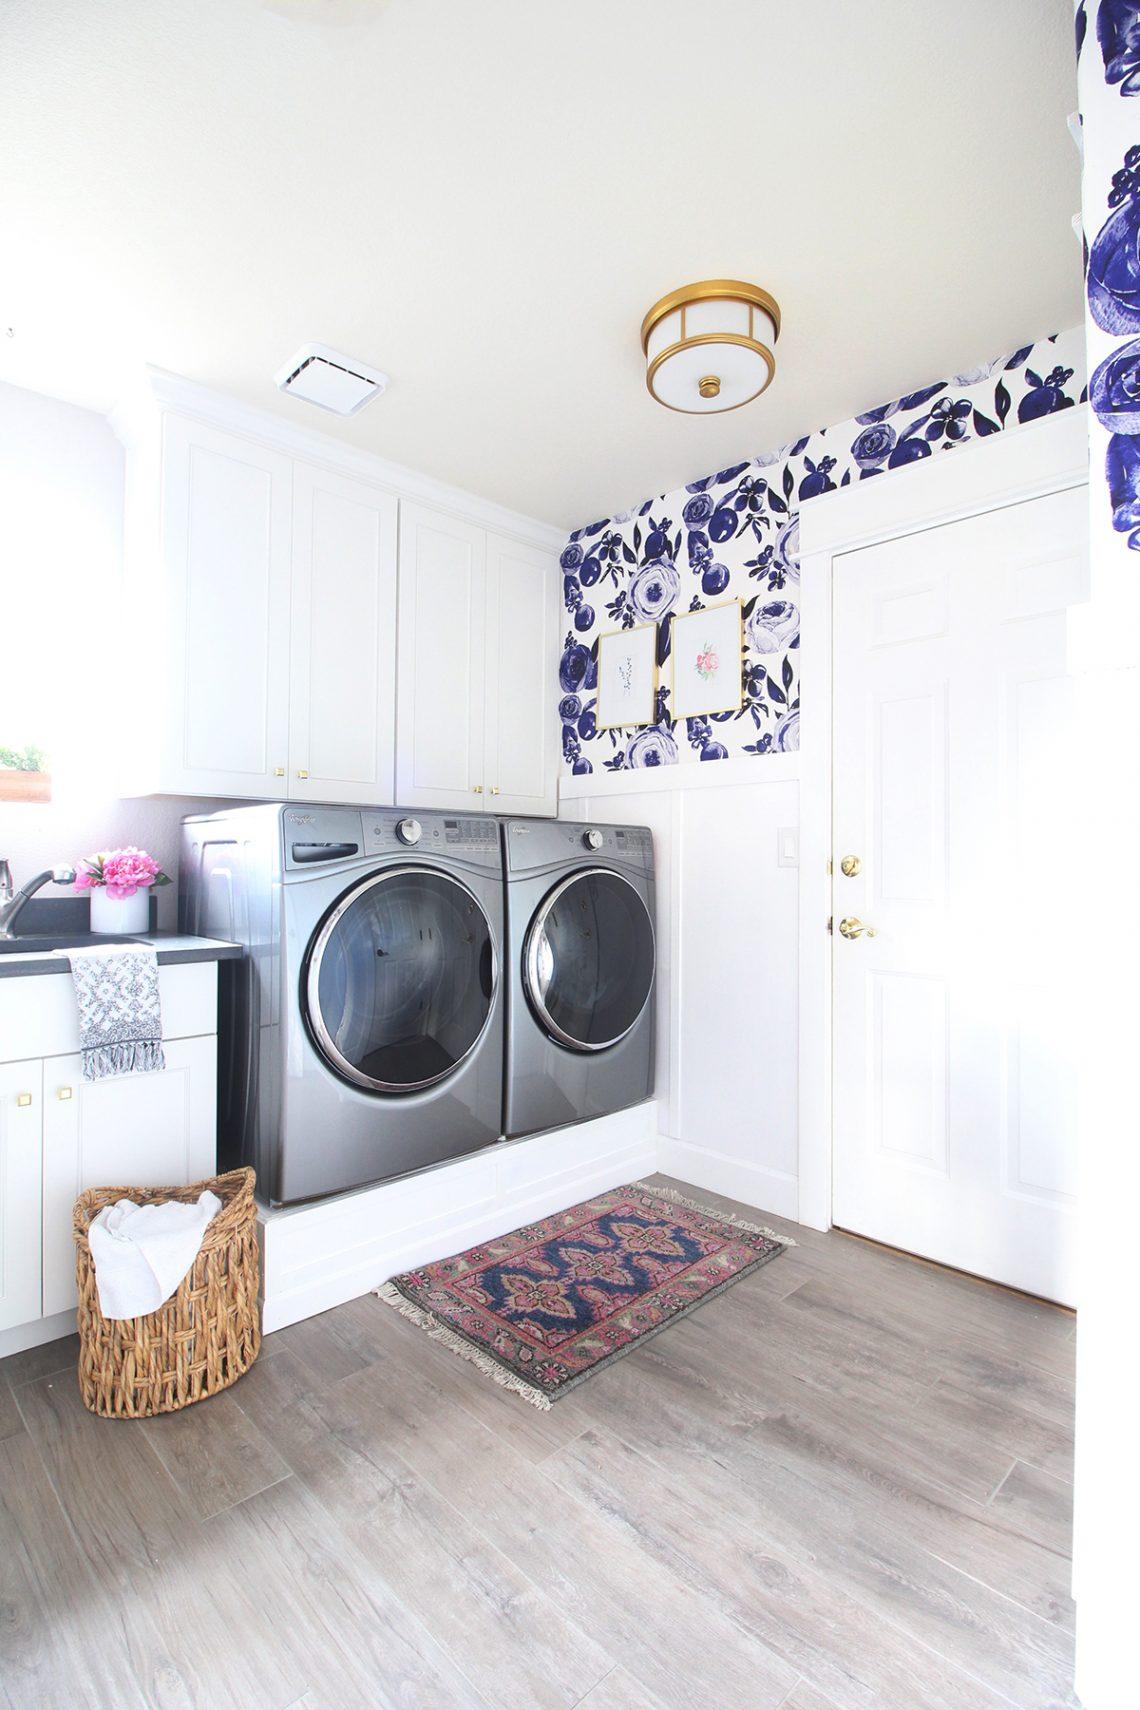 Park Home Reno  DIY Laundry Pedestal. Park Home Reno  DIY Laundry Pedestal   Classy Clutter